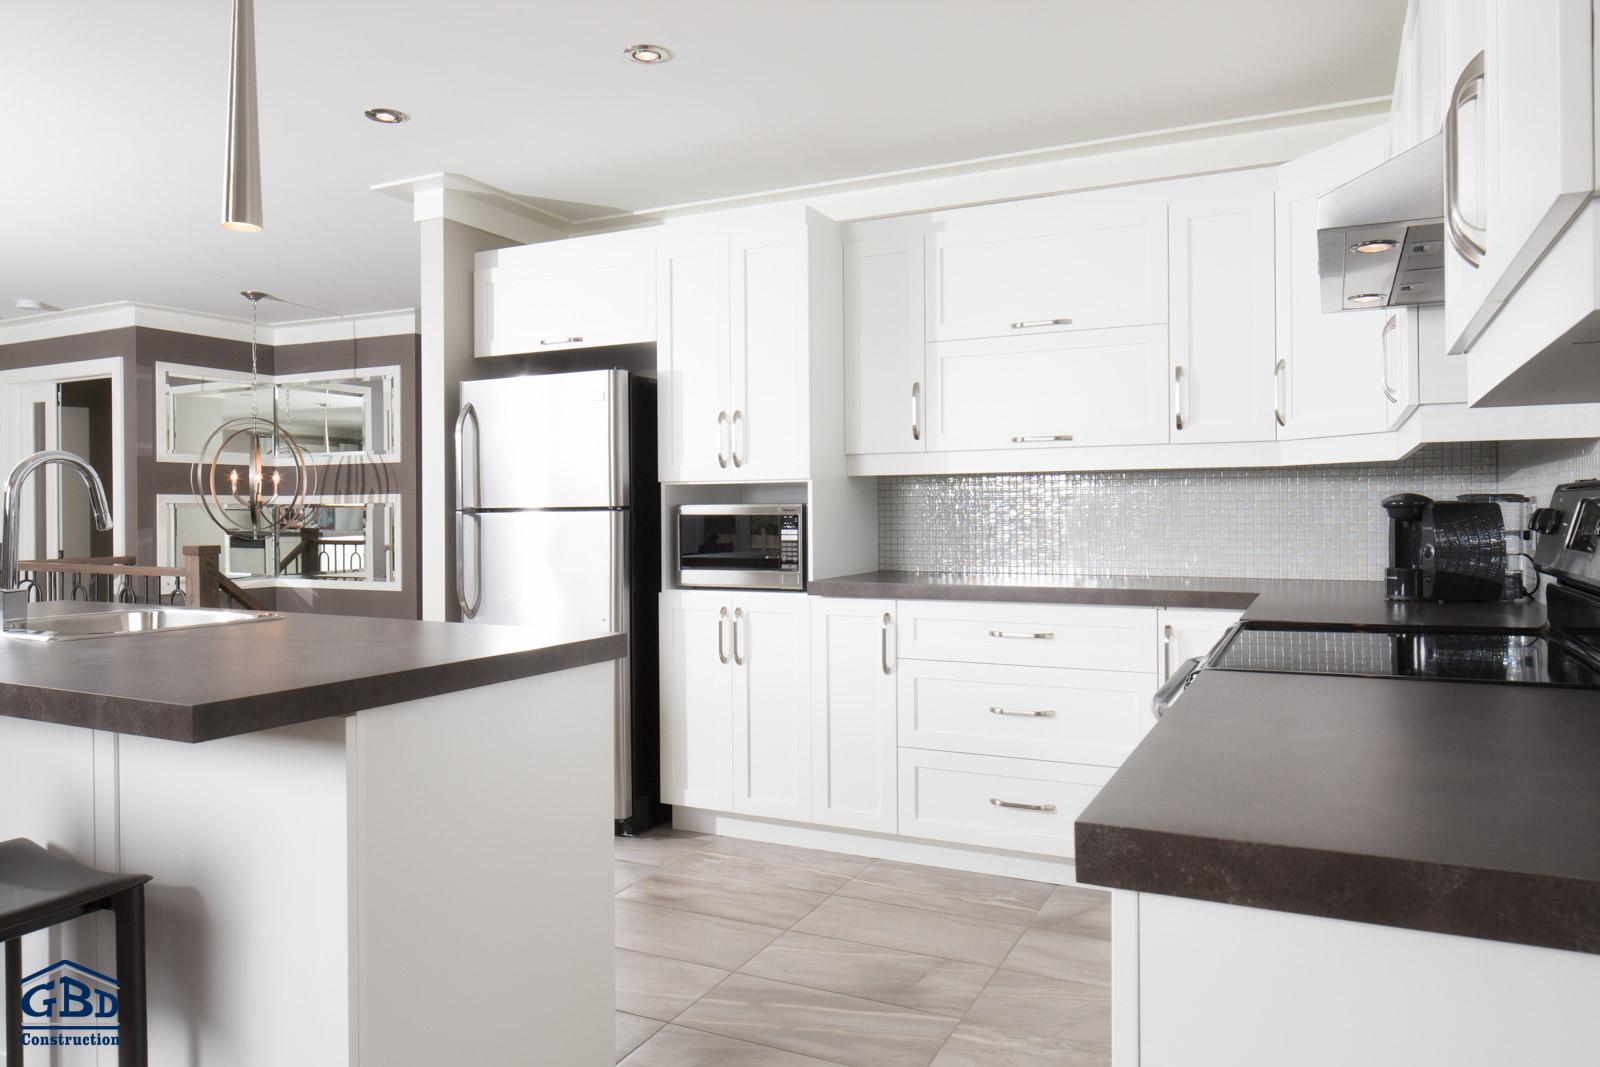 mondaine maison neuve un tage de type plain pied gbd construction. Black Bedroom Furniture Sets. Home Design Ideas